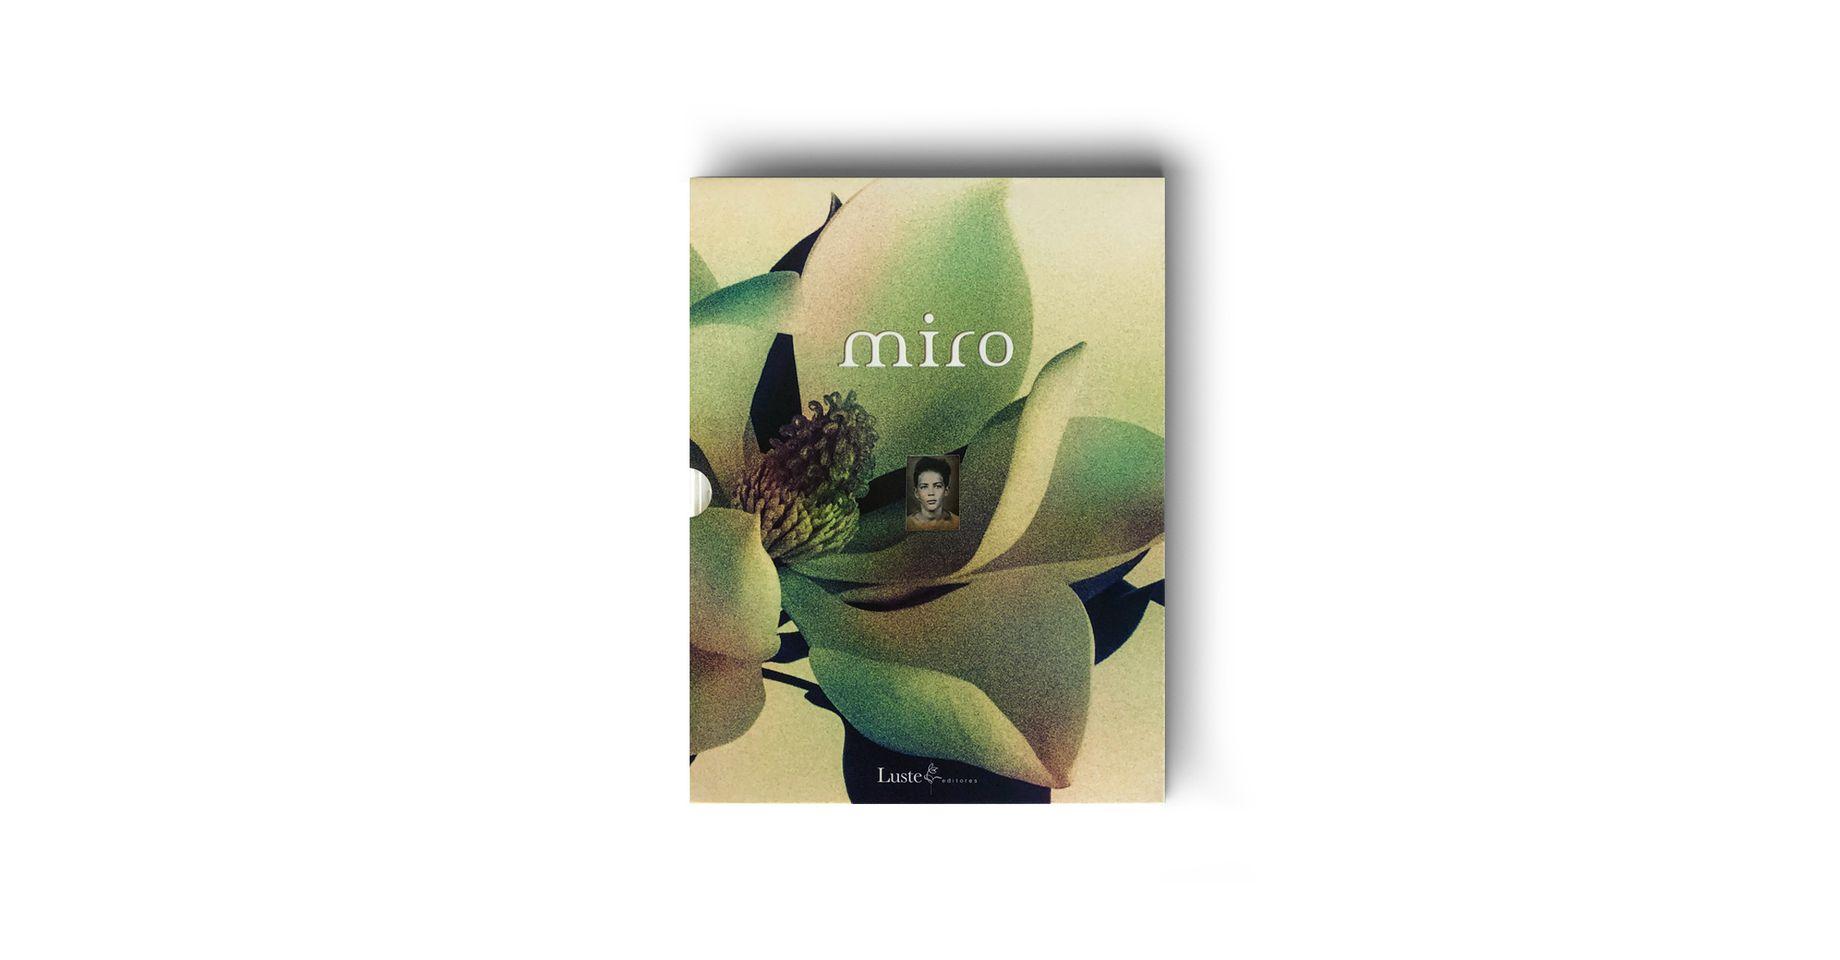 miro_1000x1200_1